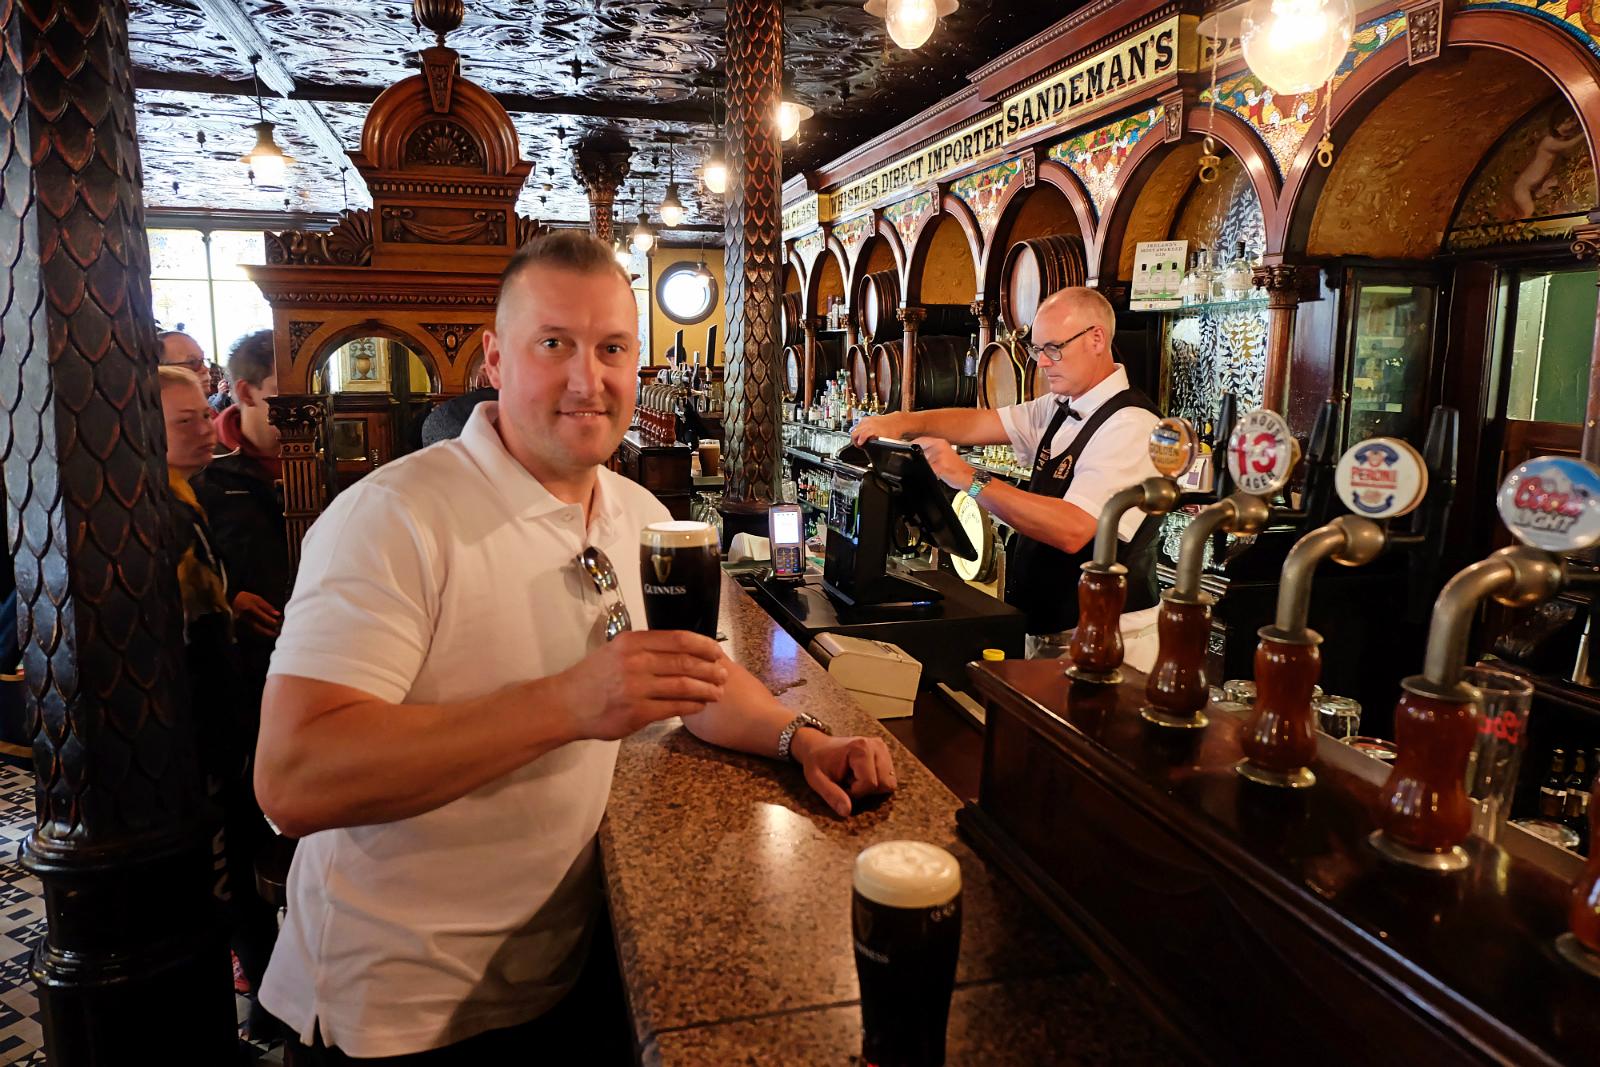 słynny pałac dżinowy - The Crown Liquor Saloon Belfast